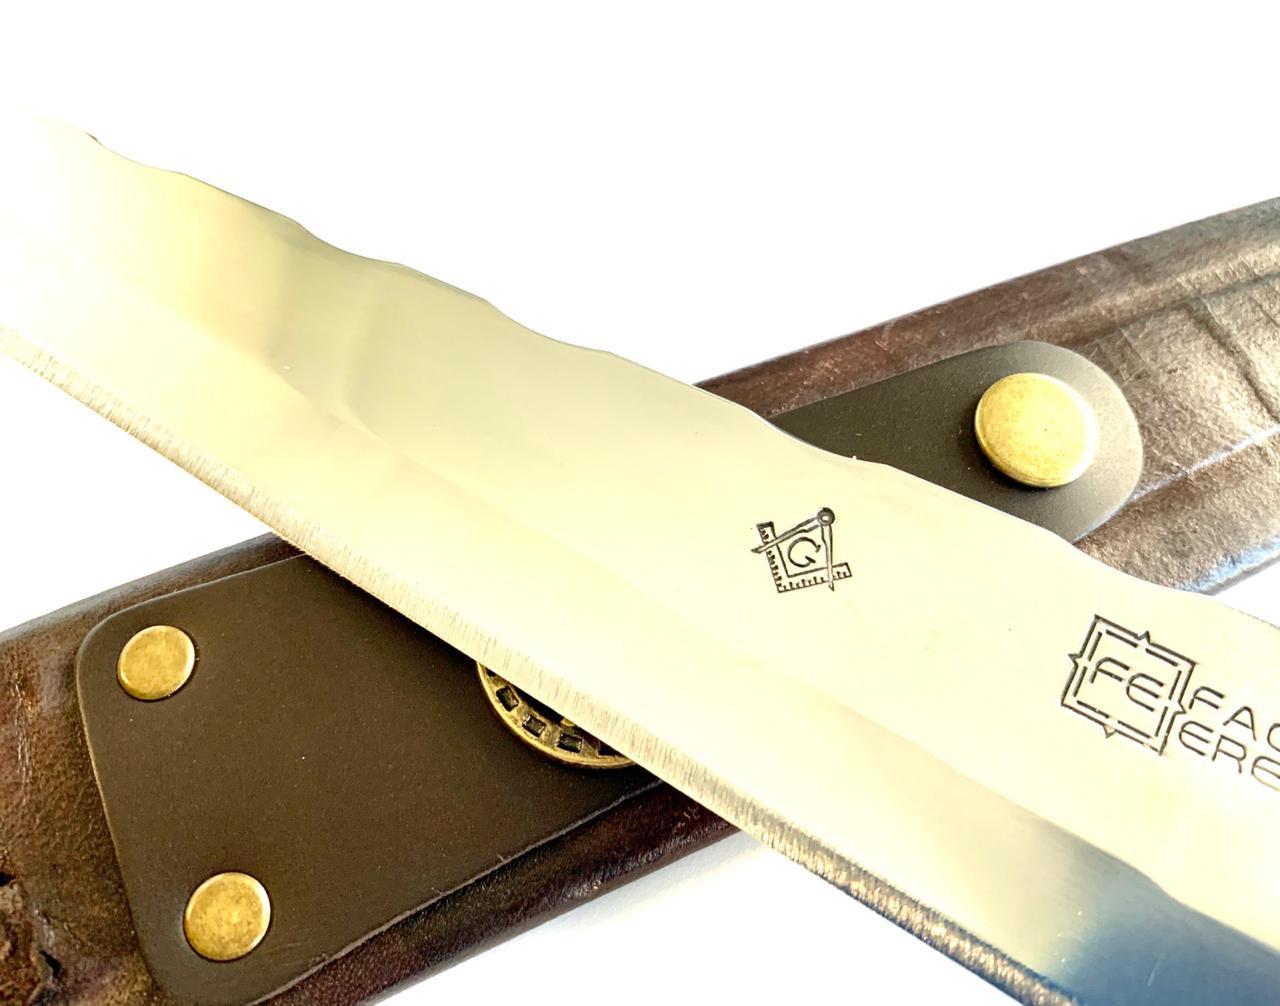 Faca Alpaca 11mm Aço inox 420, 3MM Brasão Maçonaria Forjado no Aço - Com Bainha de Couro. Lançamento